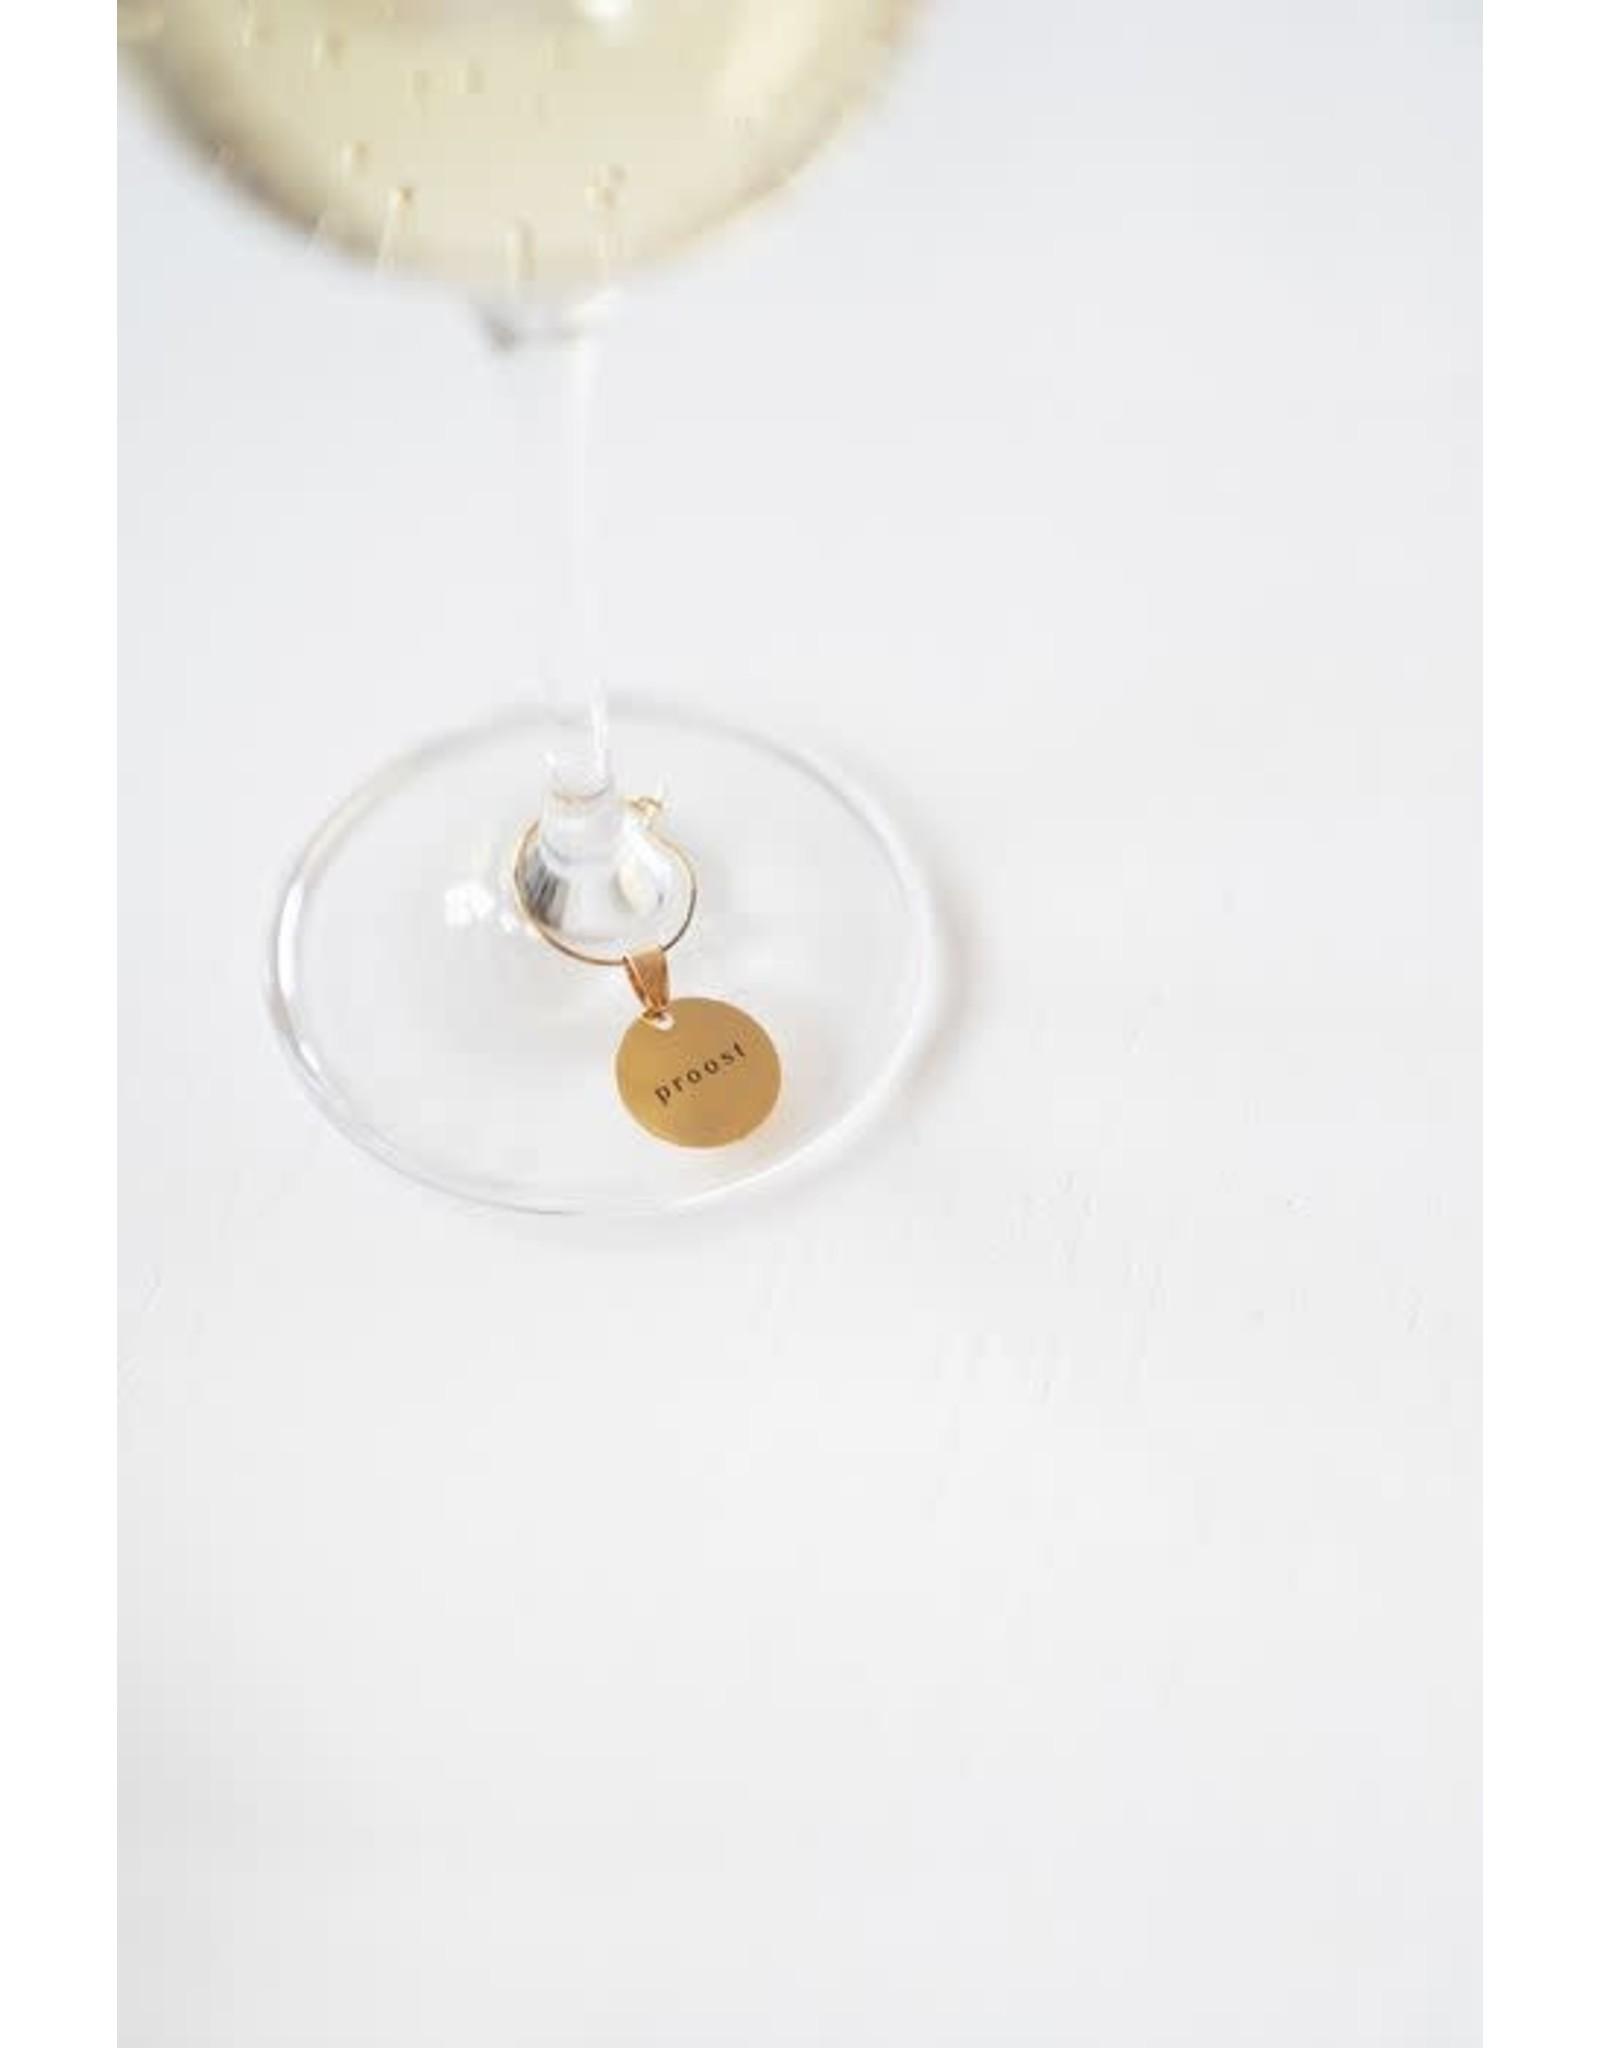 Zusss Zusss set van 6 wijnglas hangers metaal